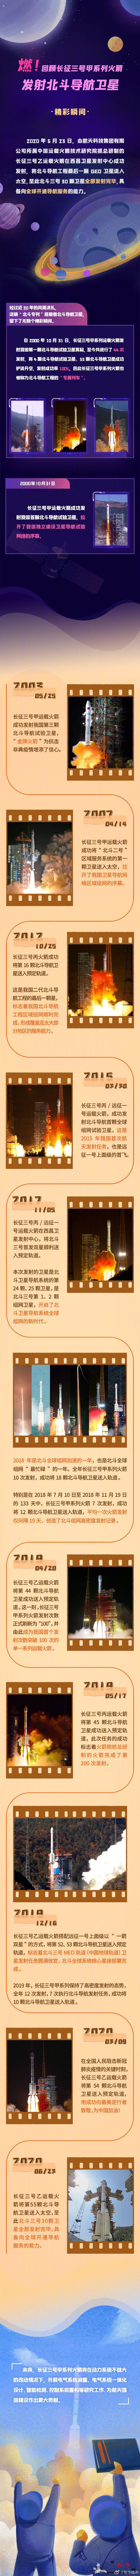 44次发射一图回顾历次北斗飞天的精_西昌-画中画-北斗-